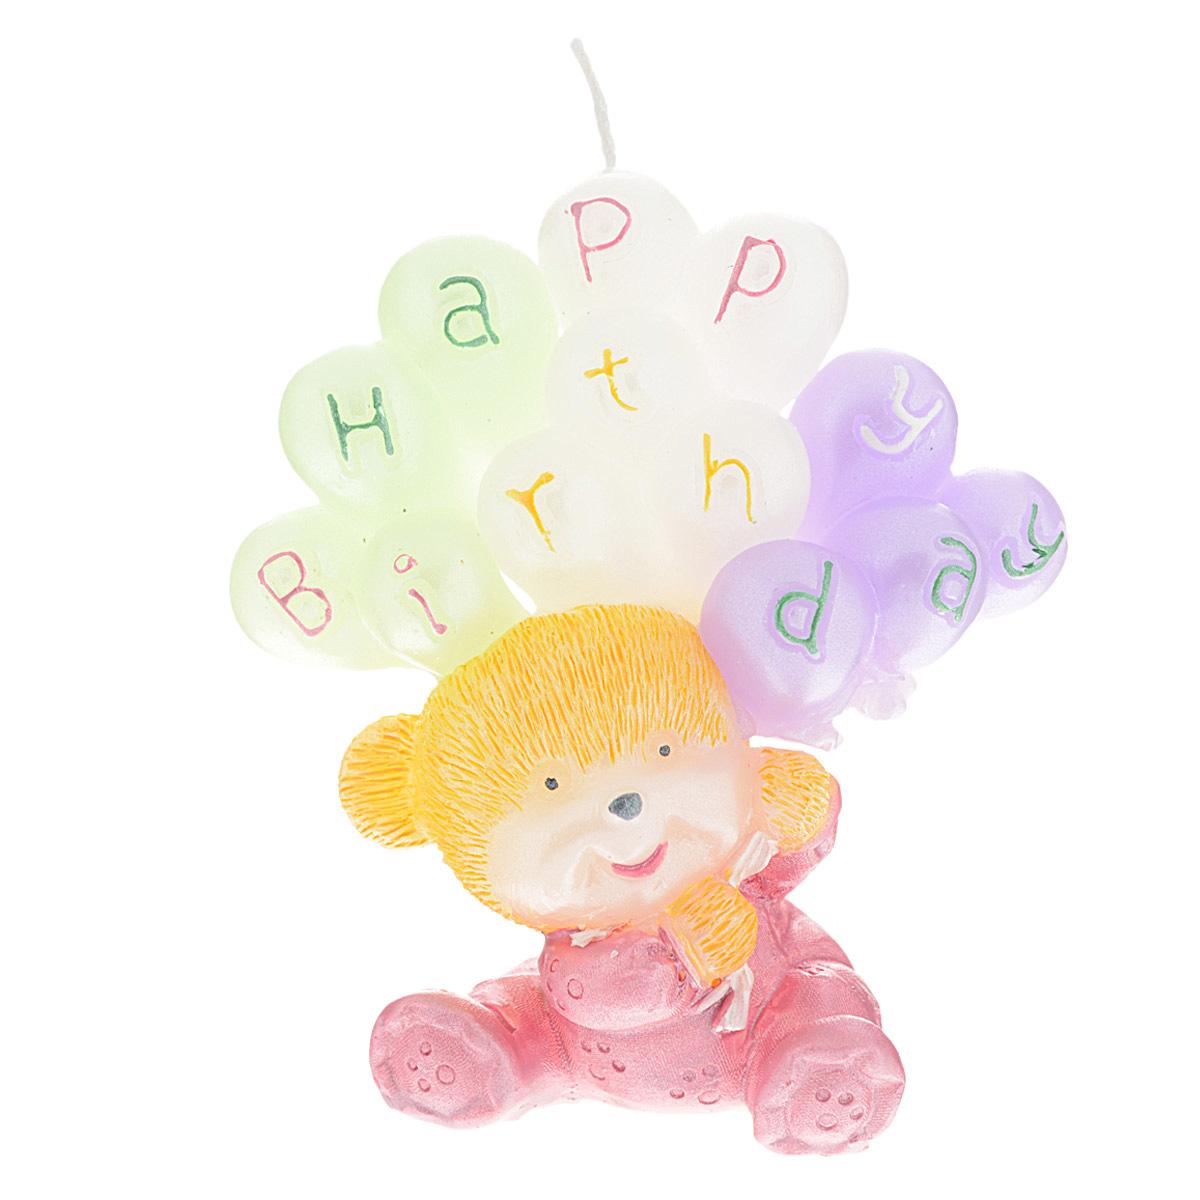 Свеча декоративная Win Max С днем рождения, цвет: розовый, 6 х 6 х 8 см94458Декоративная свеча Win Max С днем рождения изготовлена из парафина в форме мишки с шариками. Свеча упакована в прозрачную пластиковую коробку и украшена бантиком. Декоративная свеча Win Max С днем рождения может стать отличным подарком на день рождение. Размер свечи: 6 см х 6 см х 8 см.